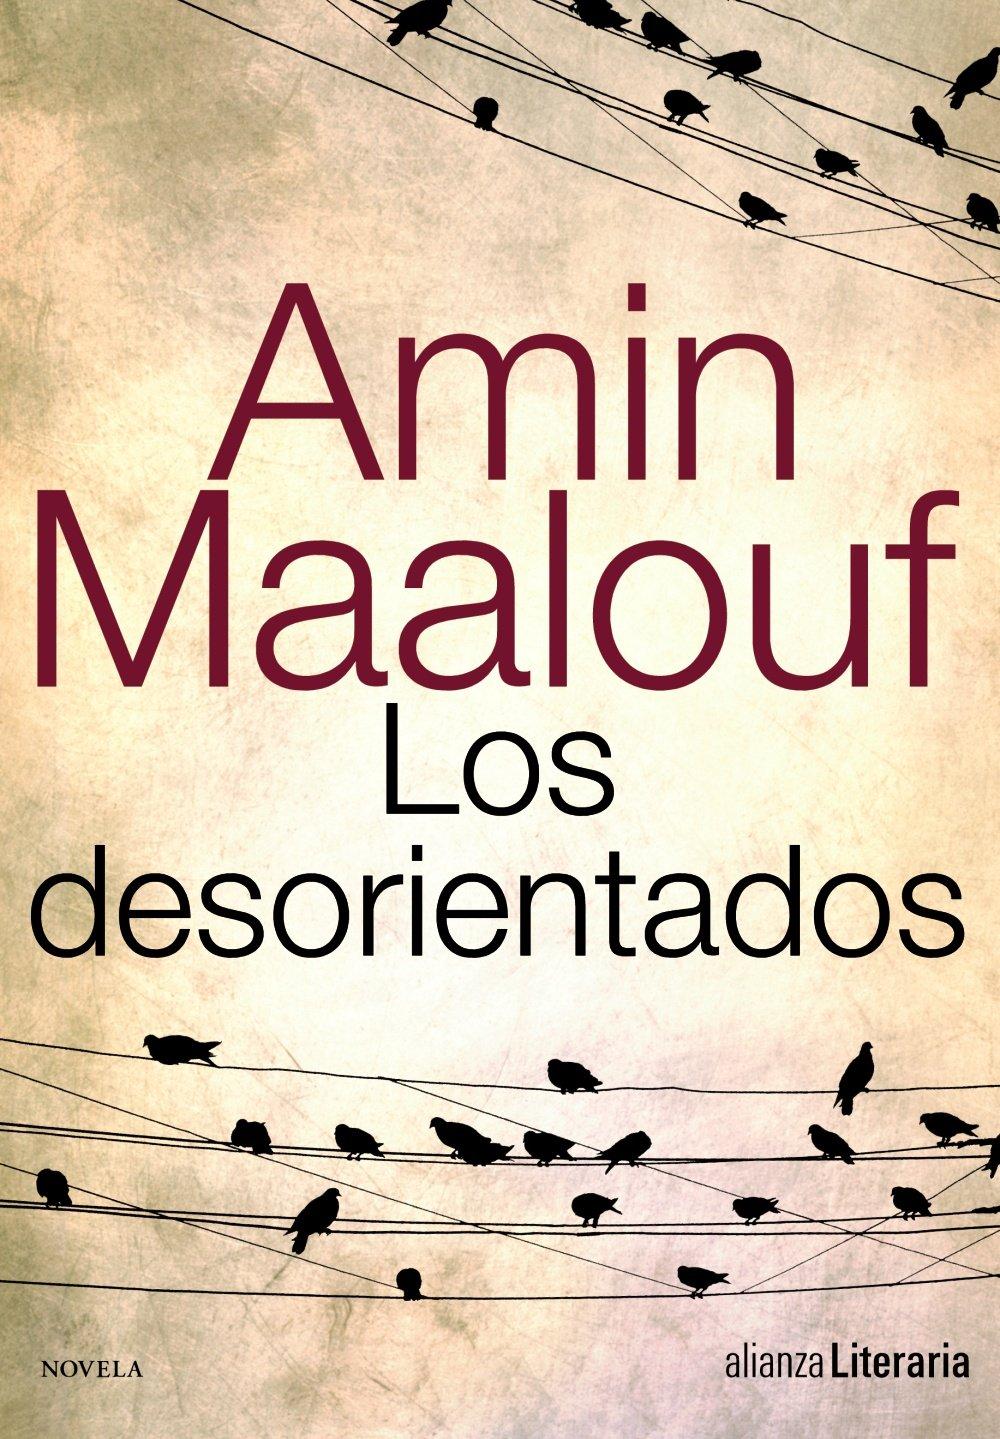 Download Los desorientados (Spanish Edition) PDF